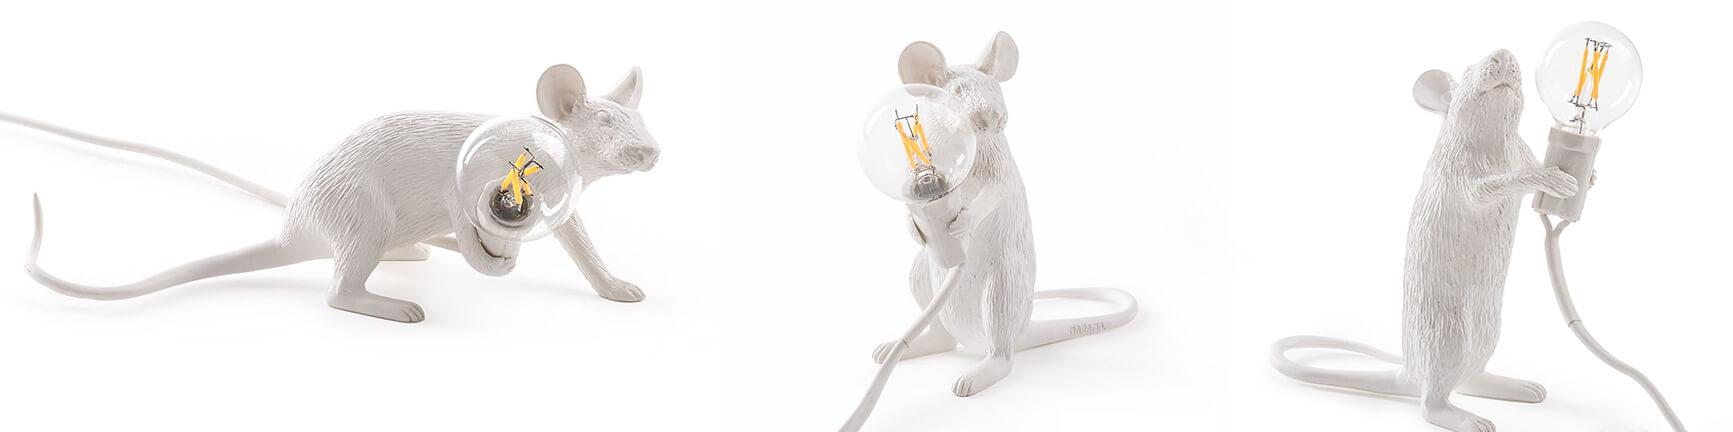 svietidla myšky asharia lightpark